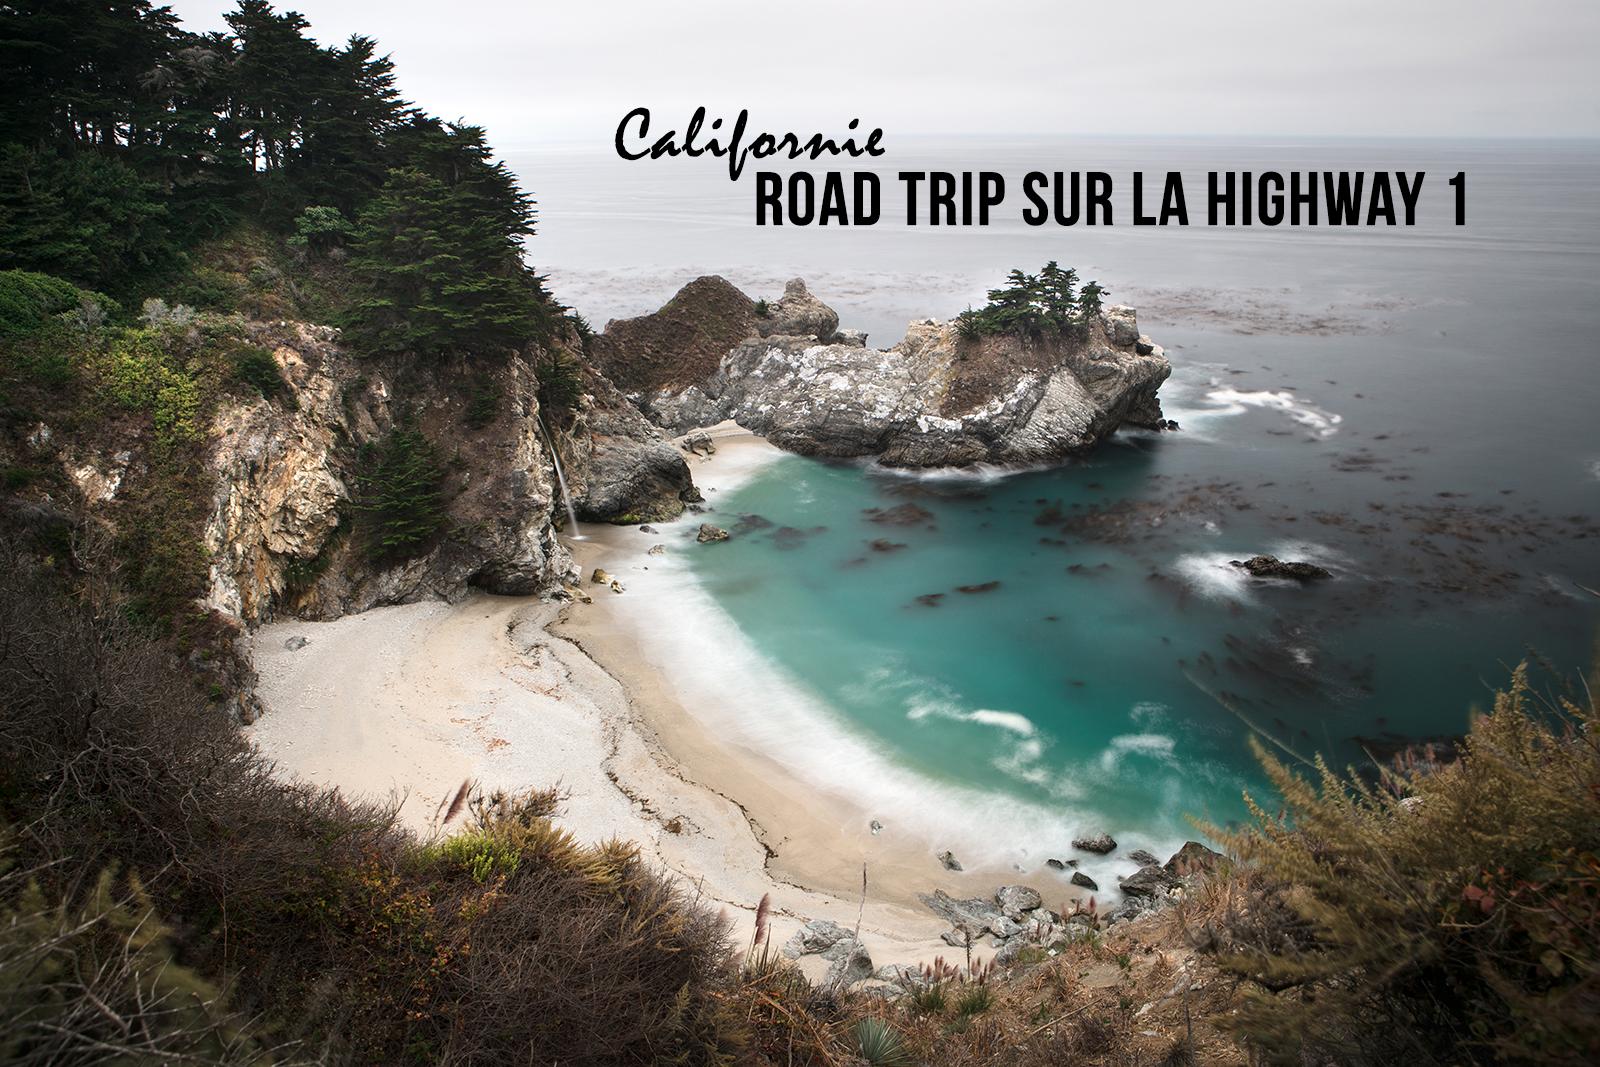 Visiter la Californie, la côte pacifique et la Highway 1, entre Los Angeles et San Francisco